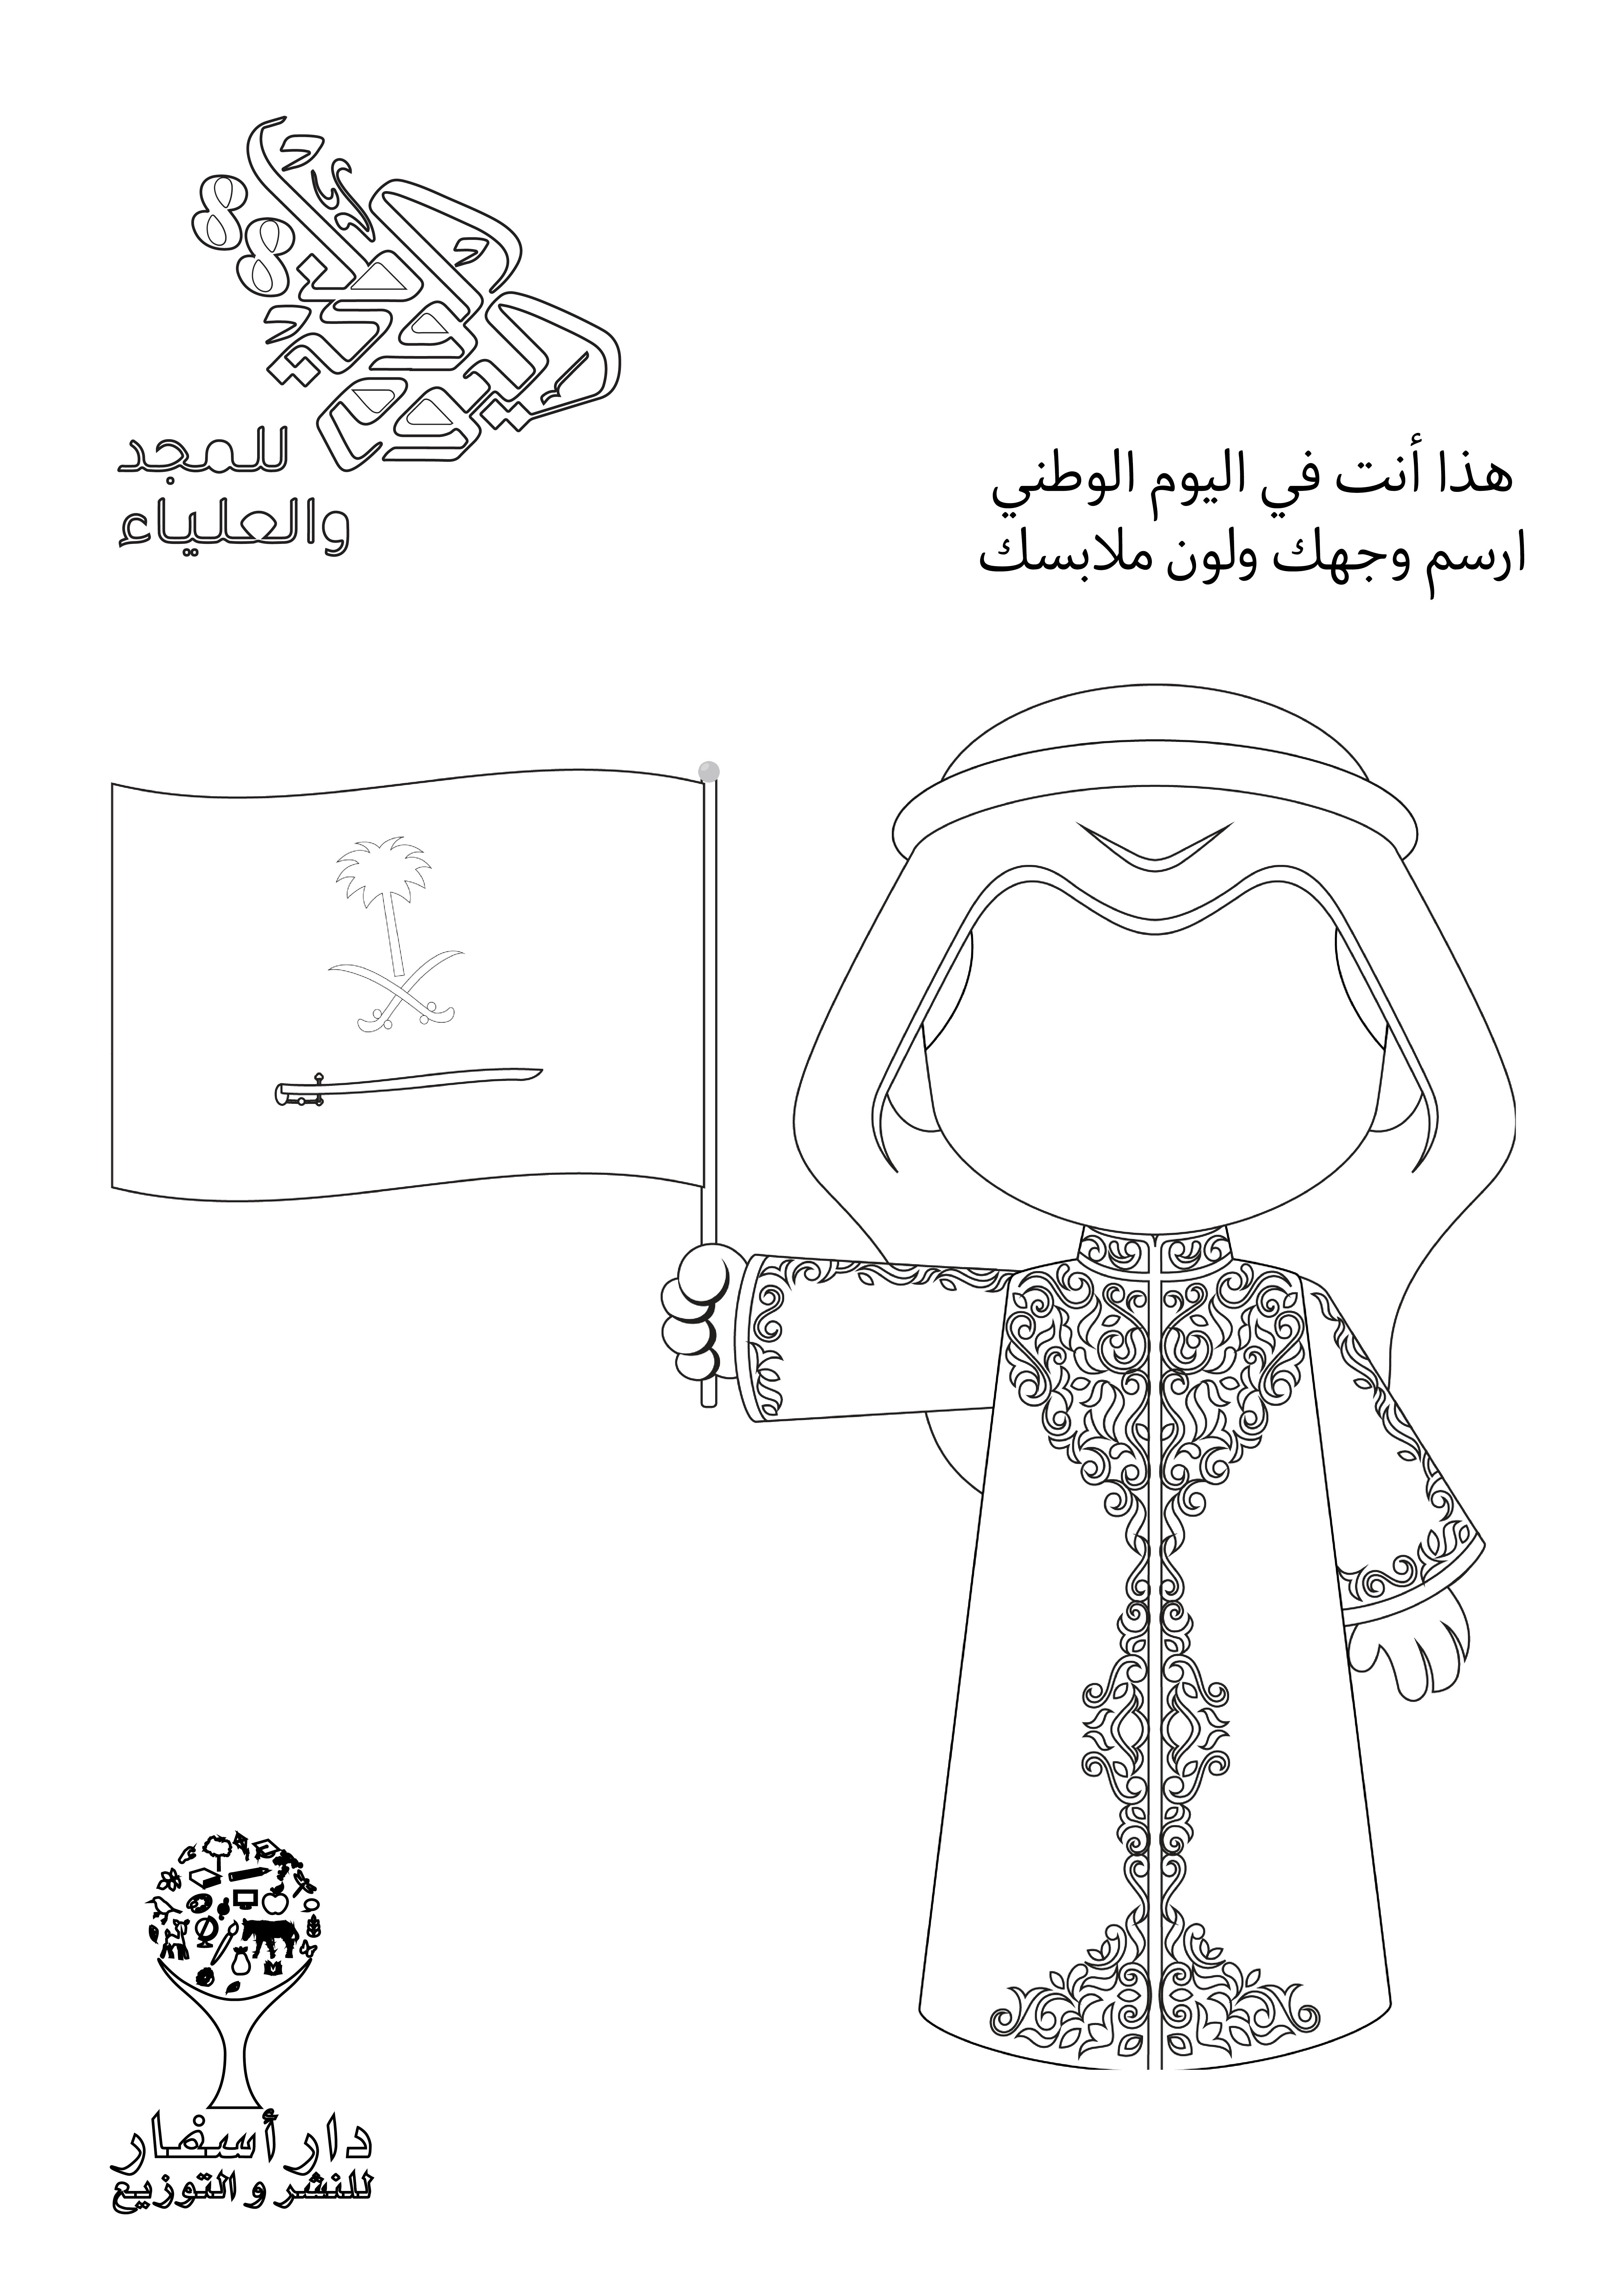 أنشطة تلوين لليوم الوطني السعودي Diy Gifts Diy Crafts Diy And Crafts